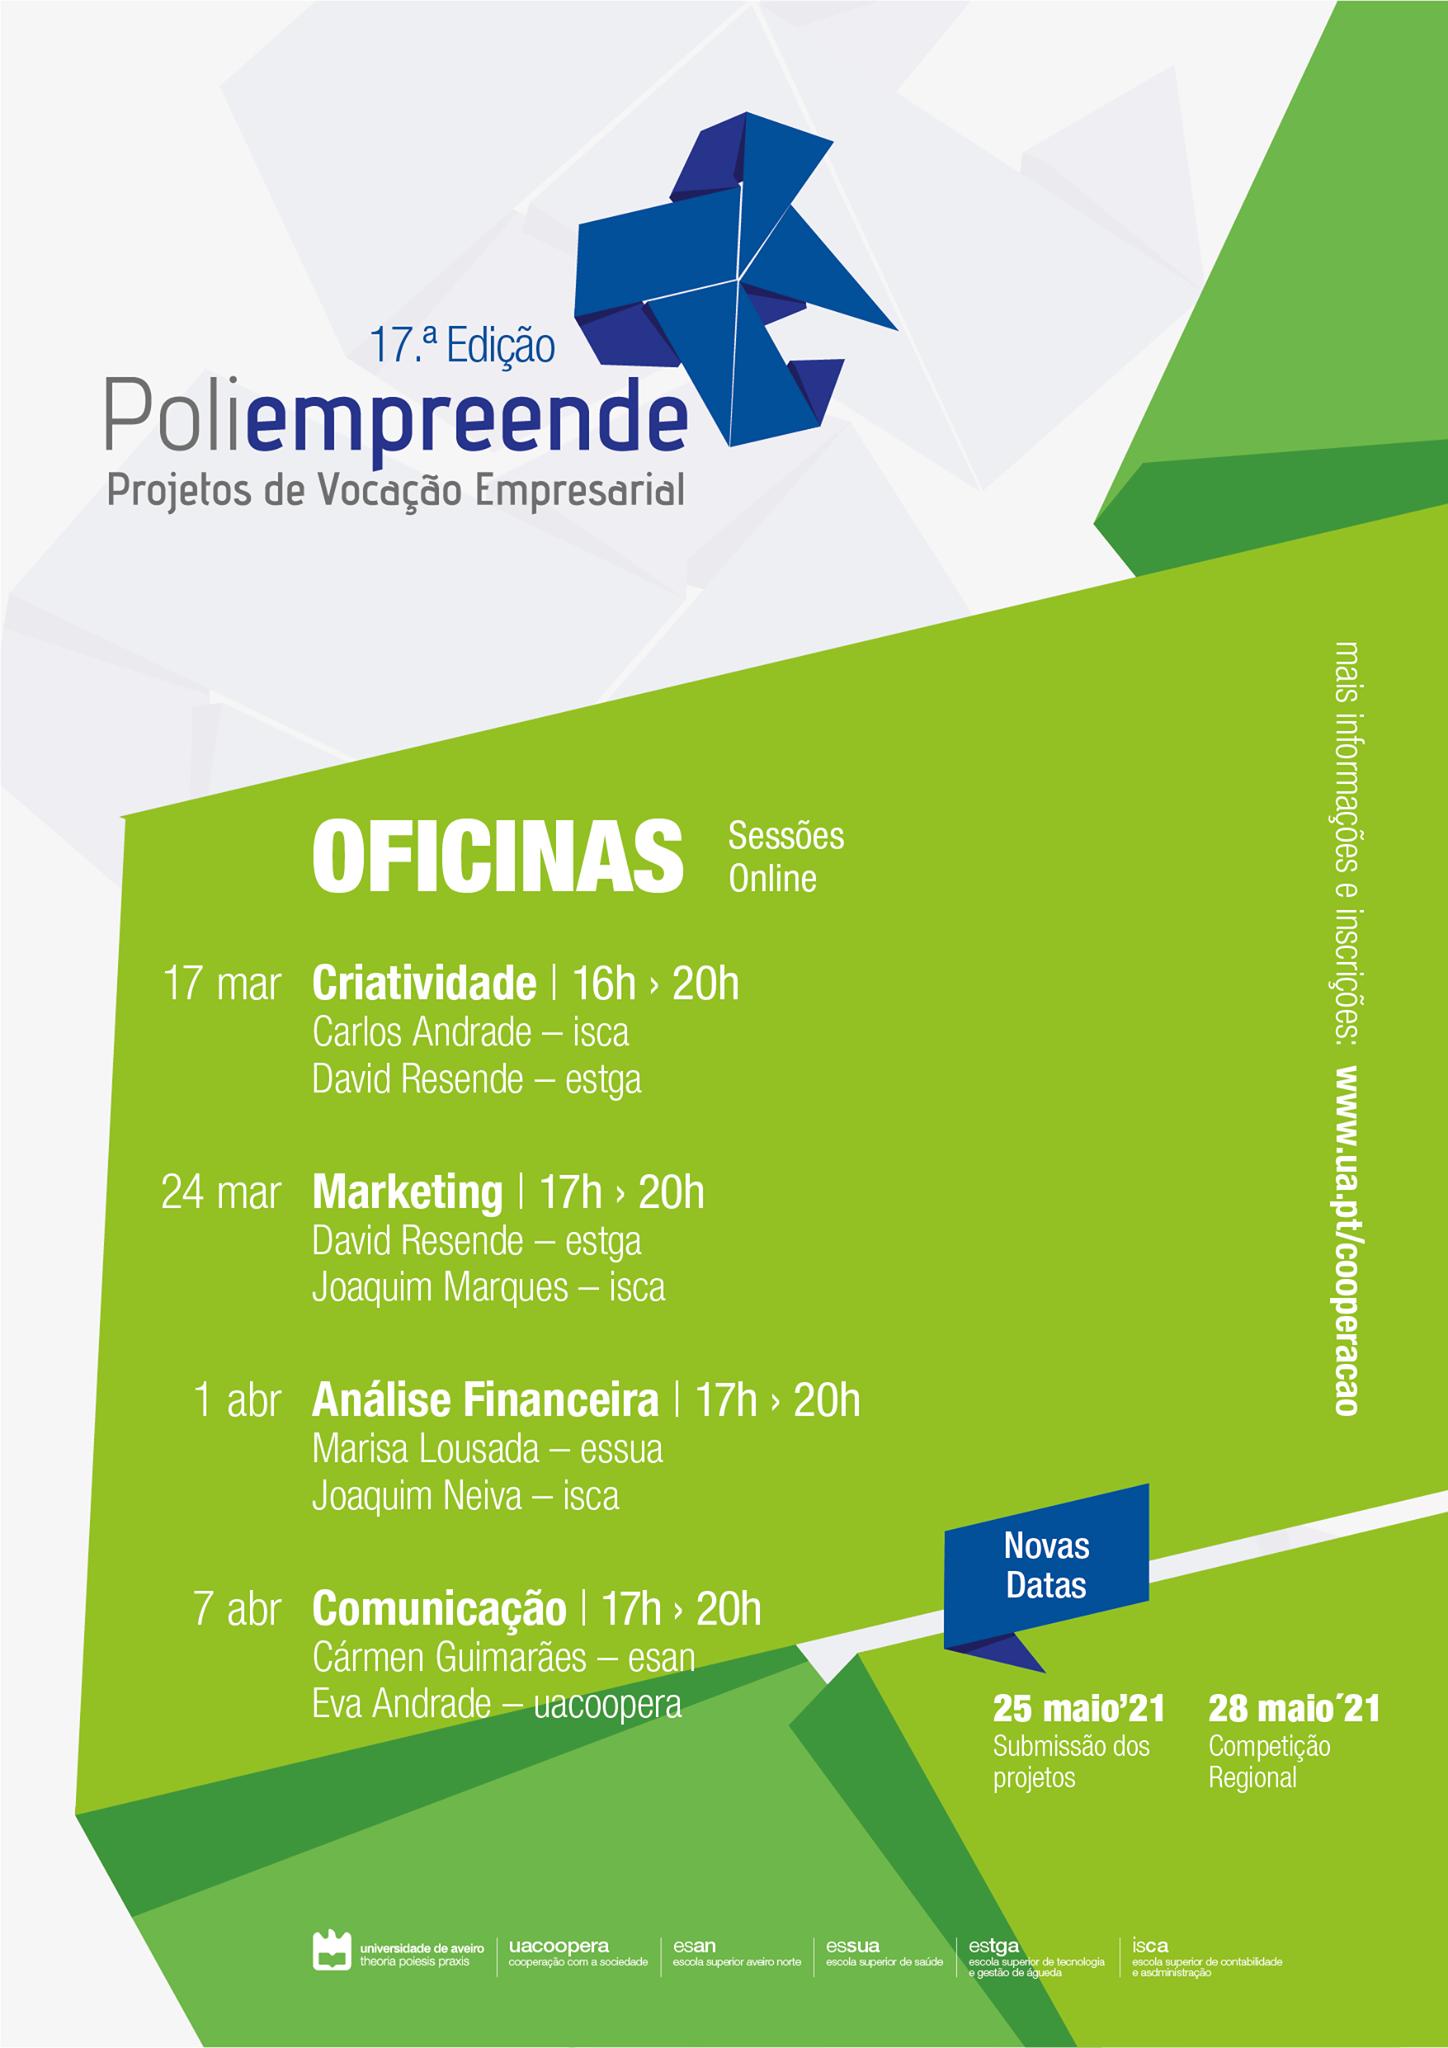 Universidade de Aveiro participa em projeto de empreendedorismo